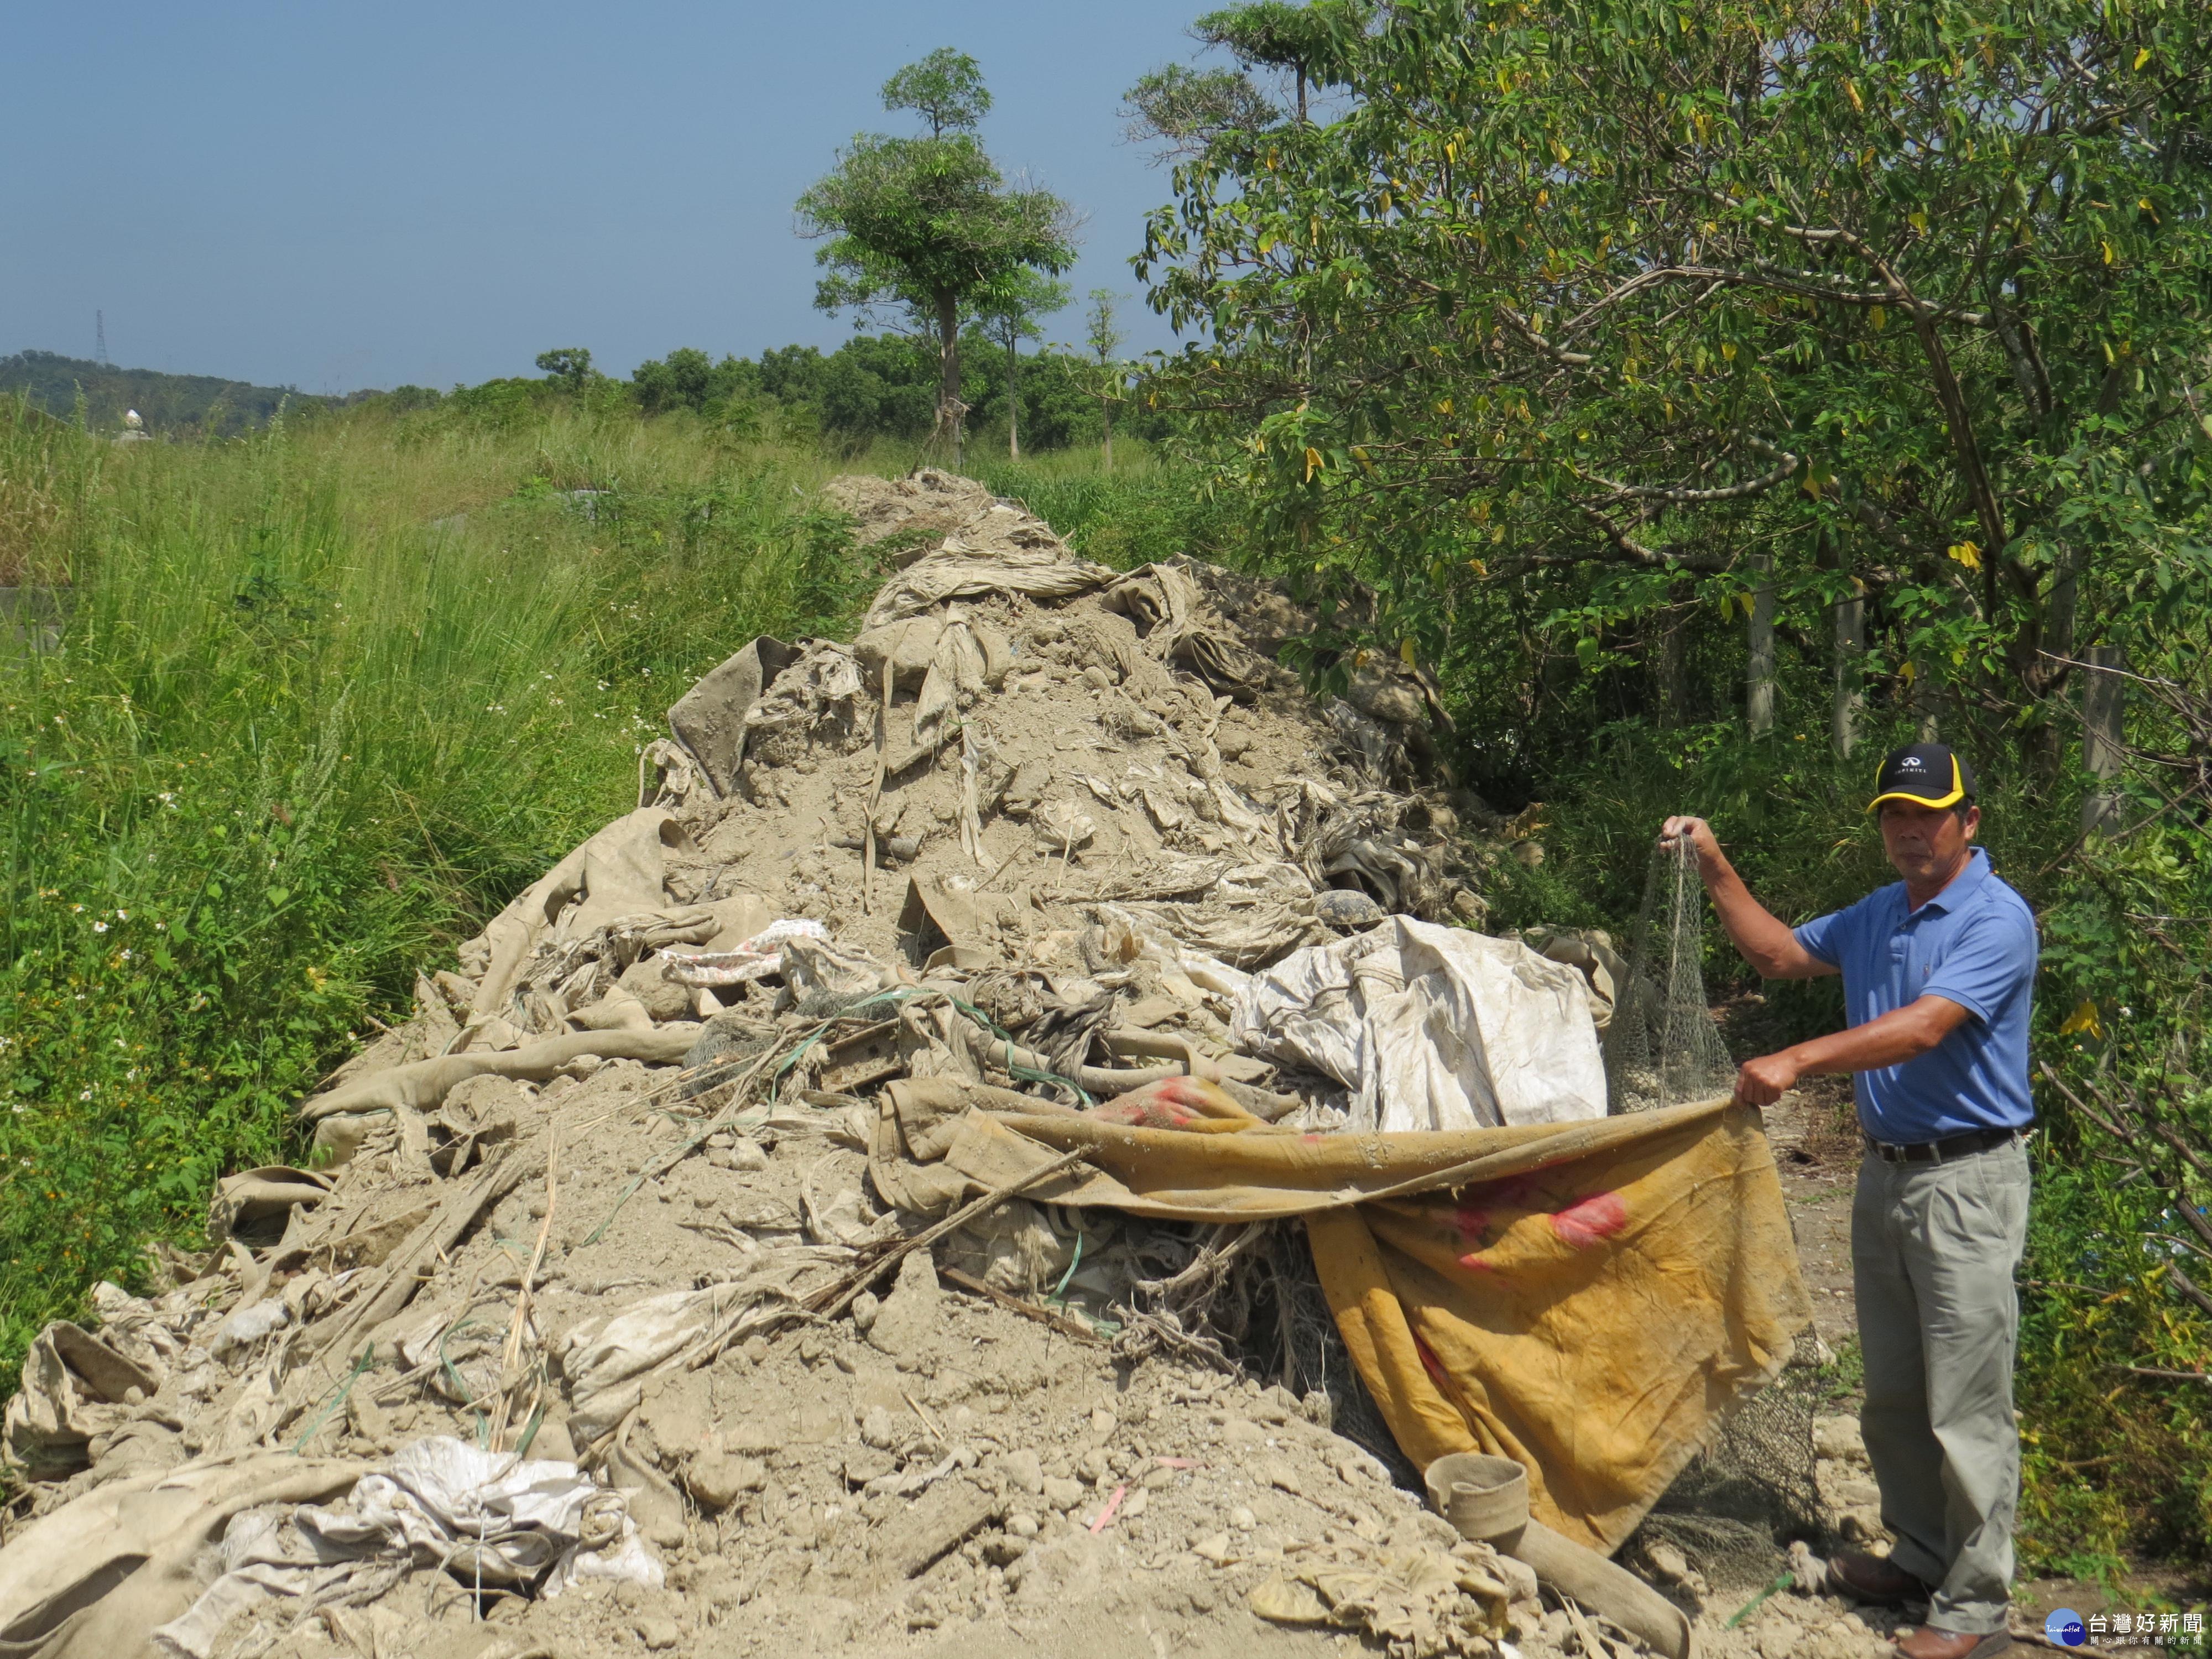 苗市公墓遭不肖人士傾倒廢棄物 警方呼籲民眾共同監督